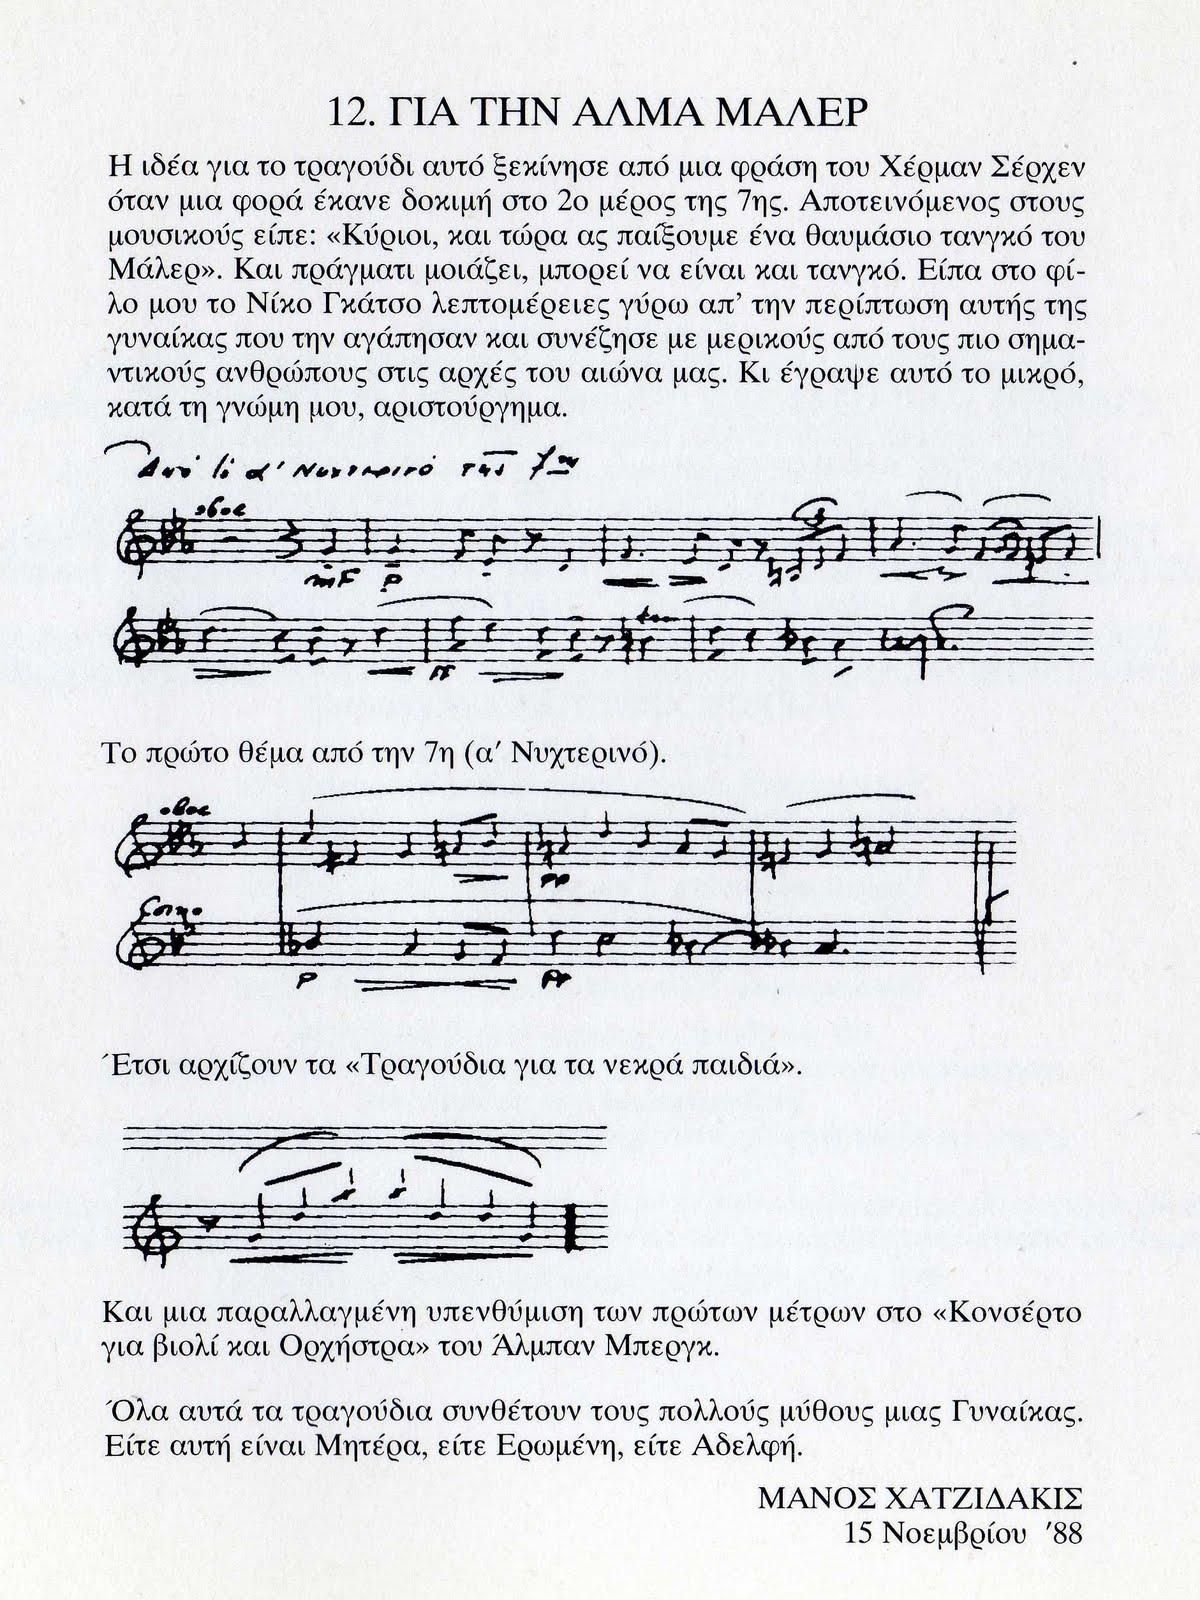 O Χατζιδάκις θεωρούσε τον Μάλερ δάσκαλό του στο τραγούδι. Όπως πρέπει να  έχετε αντιληφθεί 0fd9fc087f8